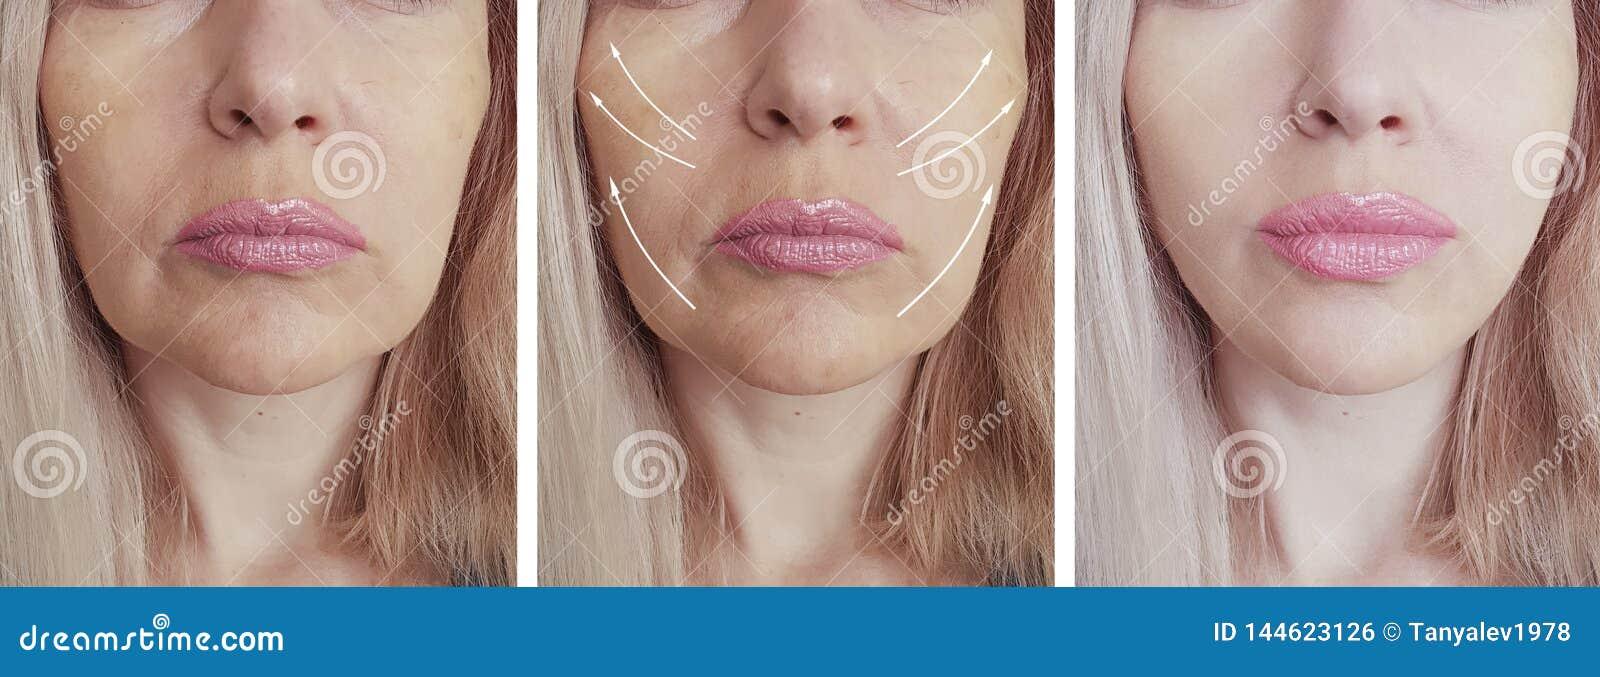 Las arrugas de la mujer hacen frente a la elevación de la flecha del cosmetólogo antes y después del tratamiento paciente de l